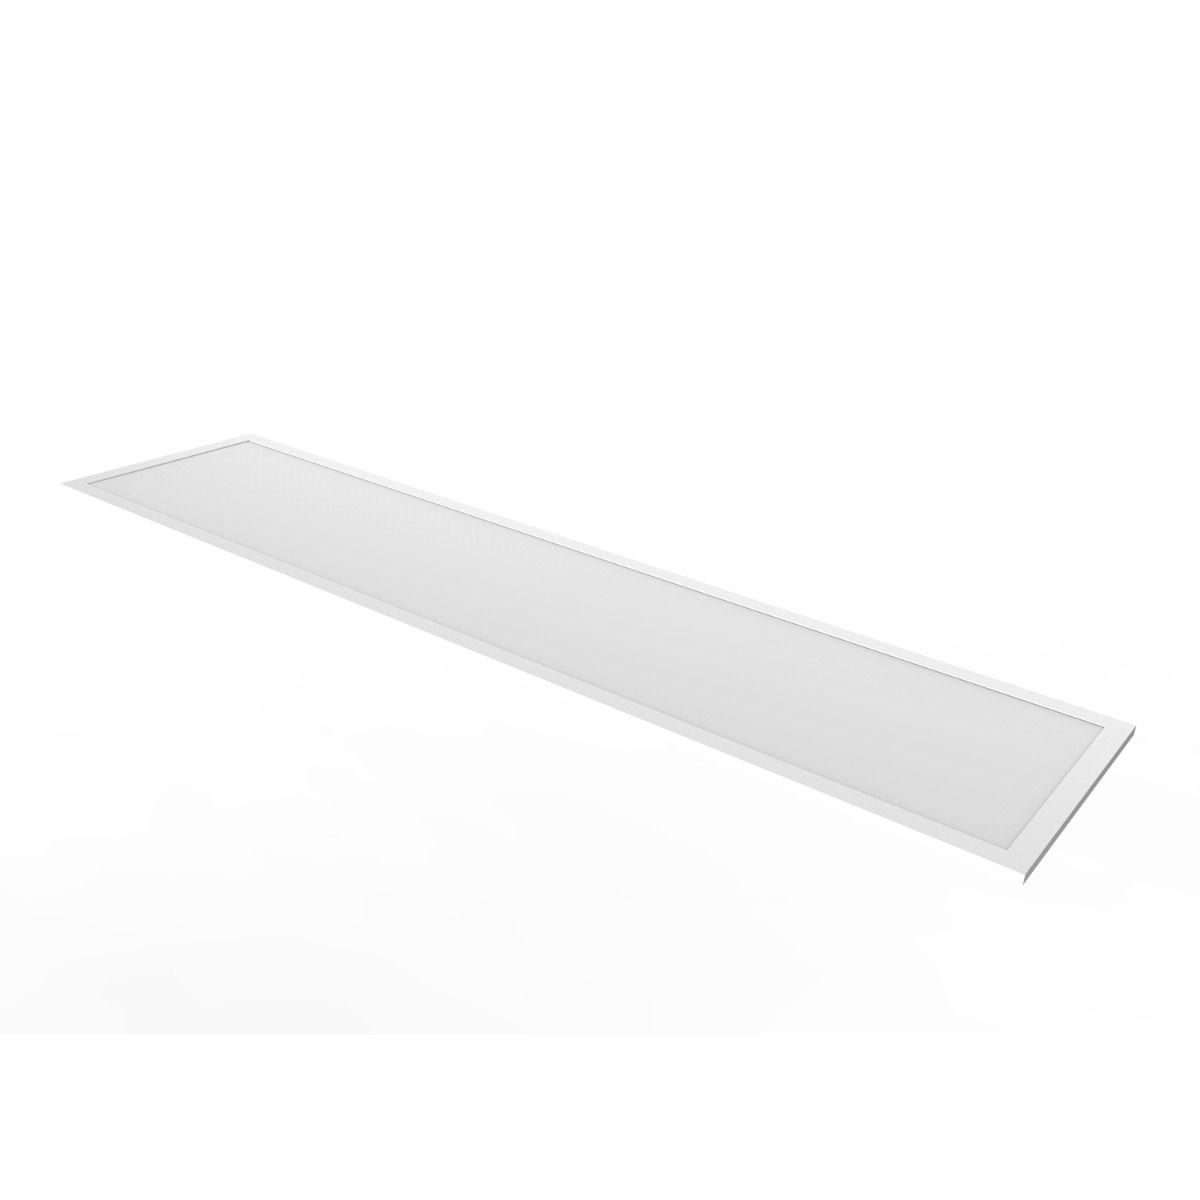 Noxion LED panel Ecowhite V2.0 30x120cm 4000K 36W UGR <22 | kold hvid - erstatter 2x36W